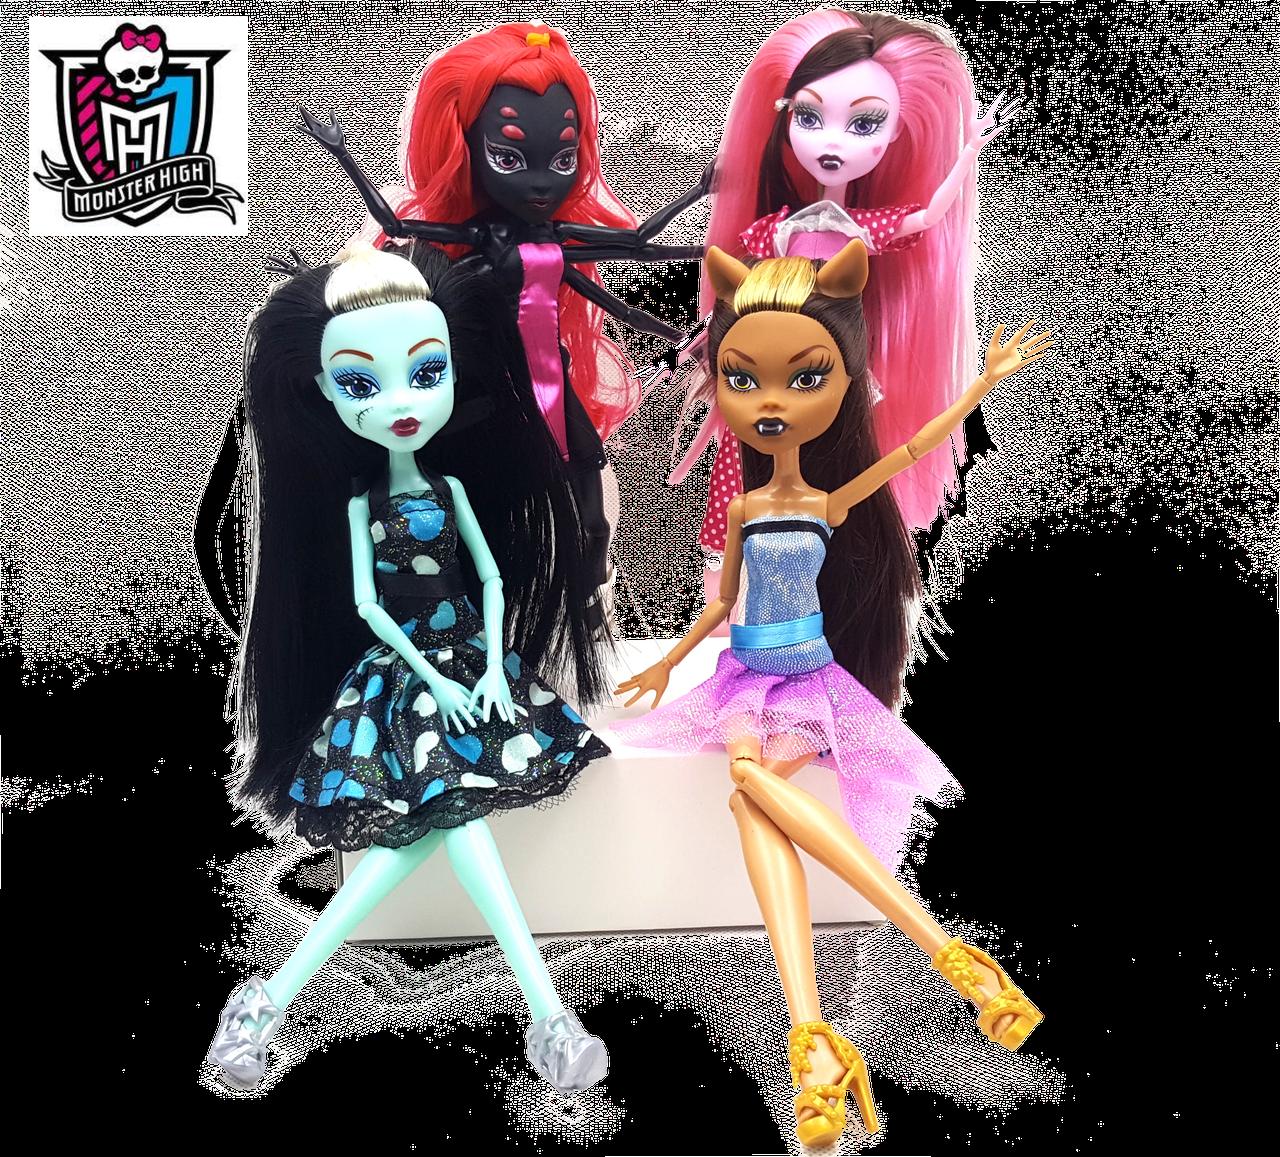 Набор кукол Монстер Хай 4в1 - Monster High Dolls - Azolla интернет-магазин в Каменском